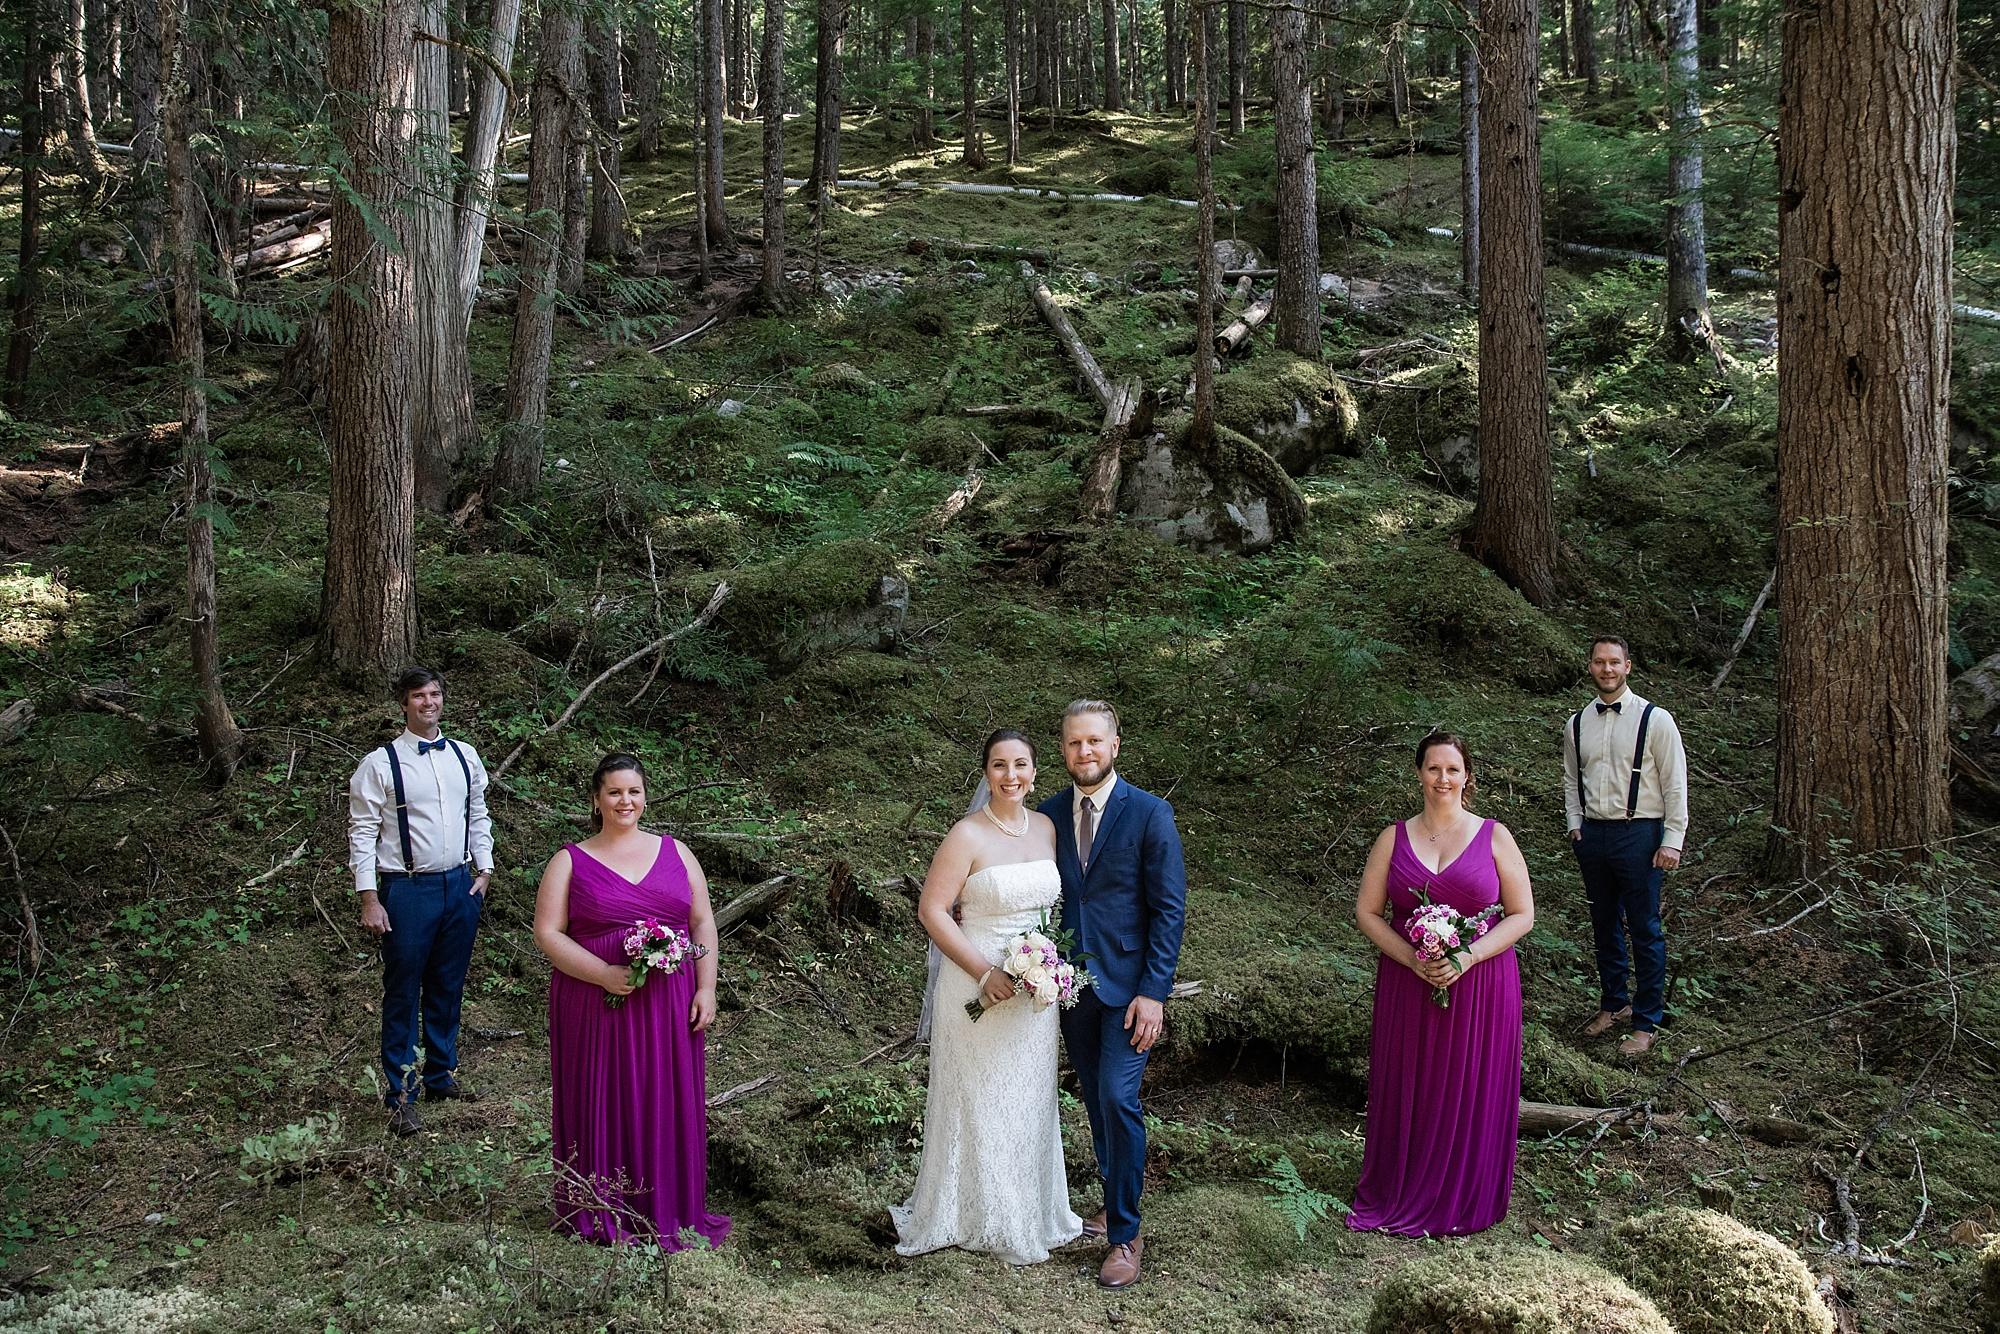 nakusp-wedding-photographer_0040.jpg